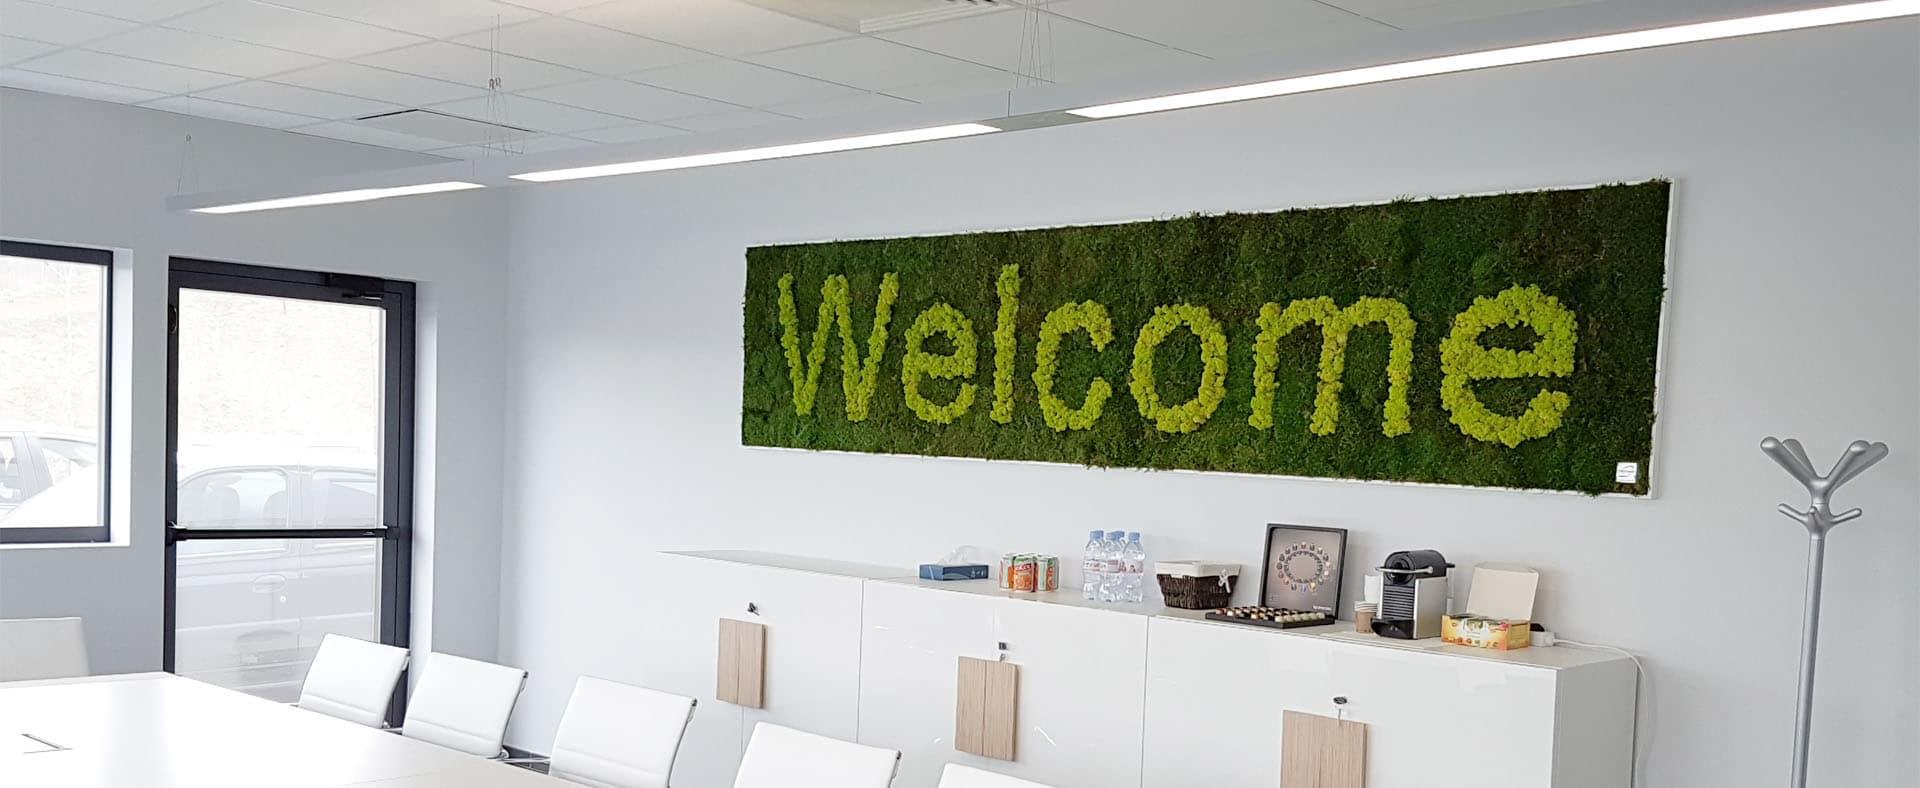 mur végétal avec message